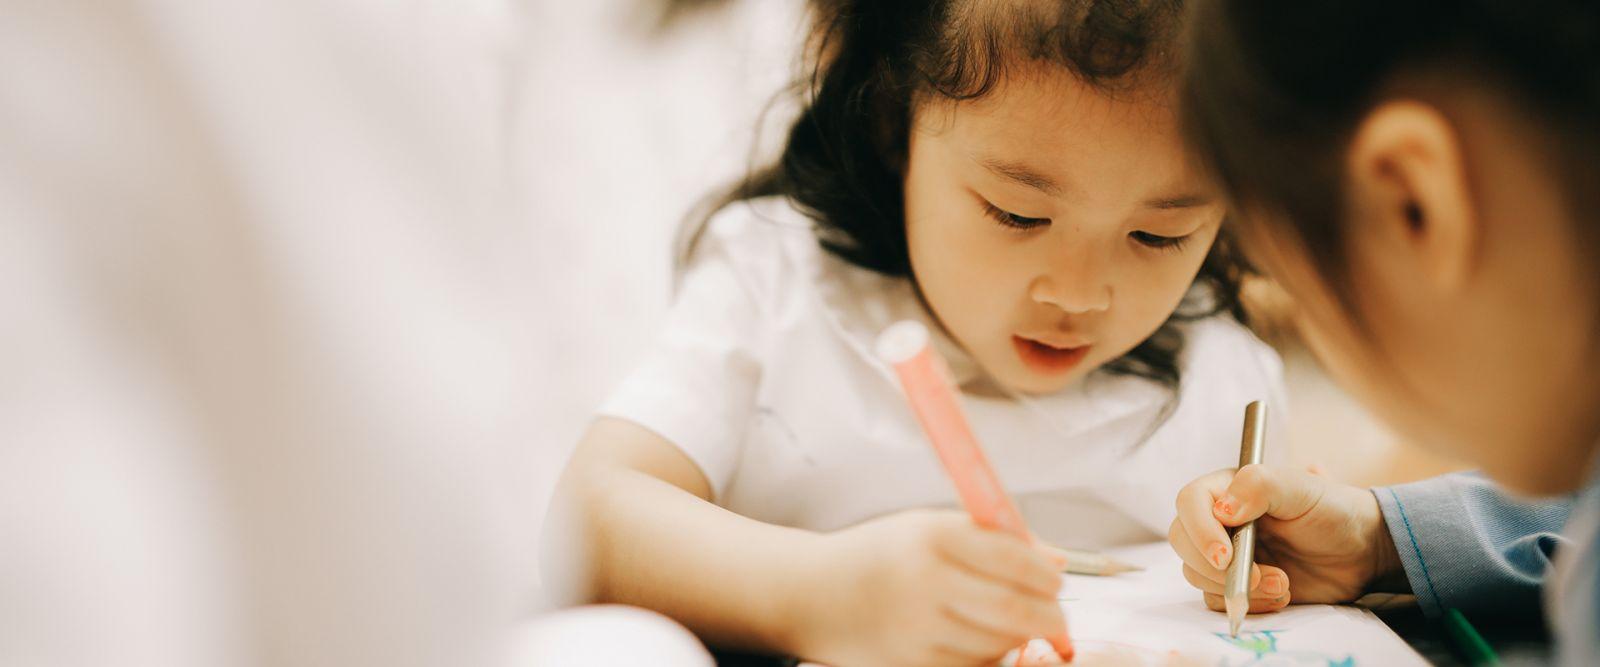 幼兒園及幼稚園的課程